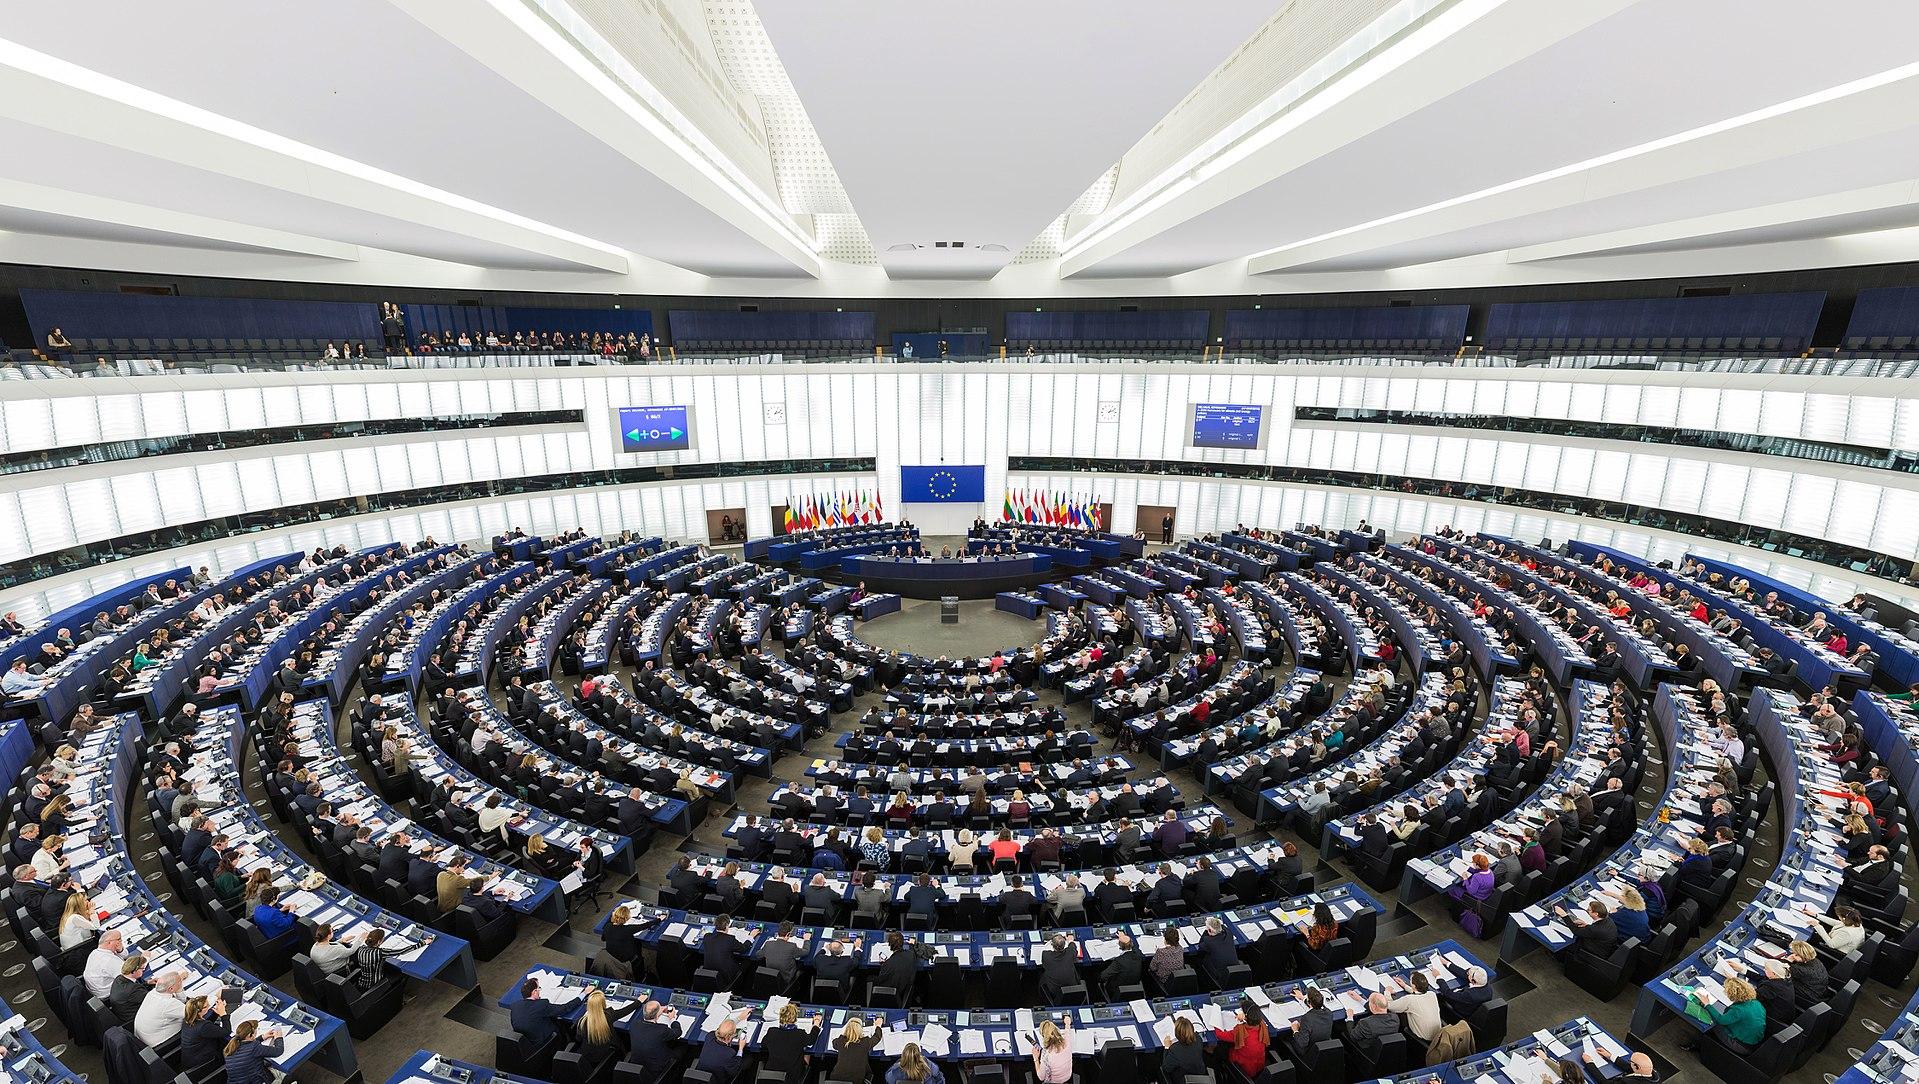 Свободу мемам: Европейский парламент проголосовал против скандальных поправок к закону об авторских правах